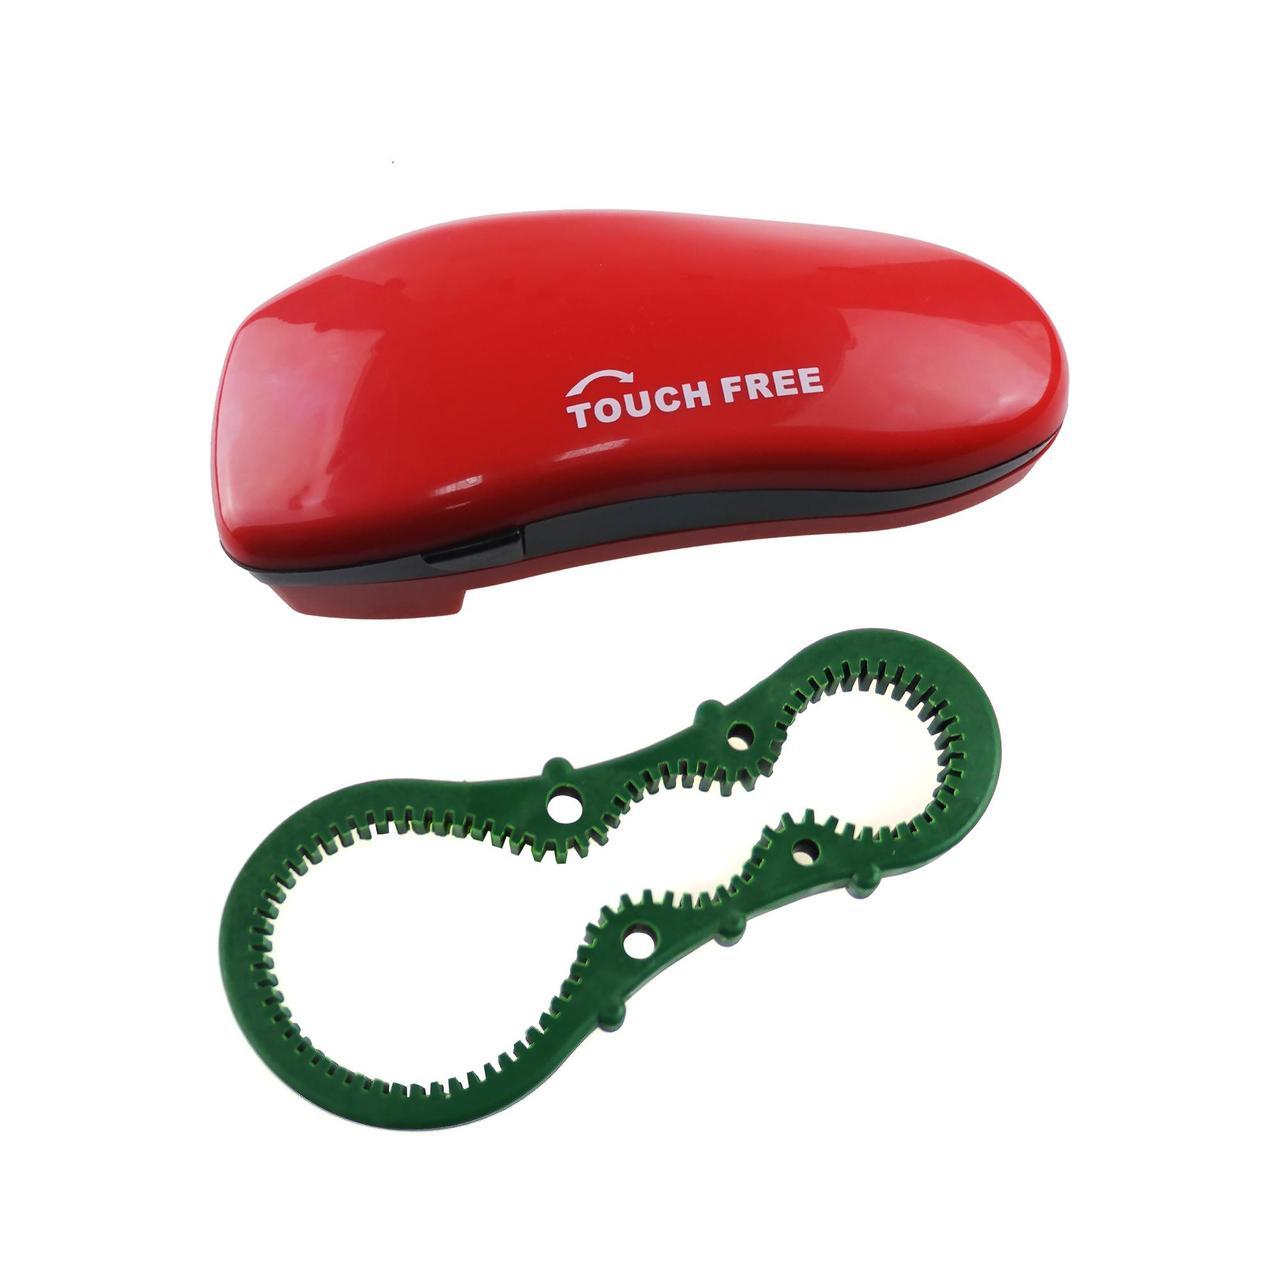 Электрический консервный нож с противоскользящим кольцом для открывания Черная Пятница!